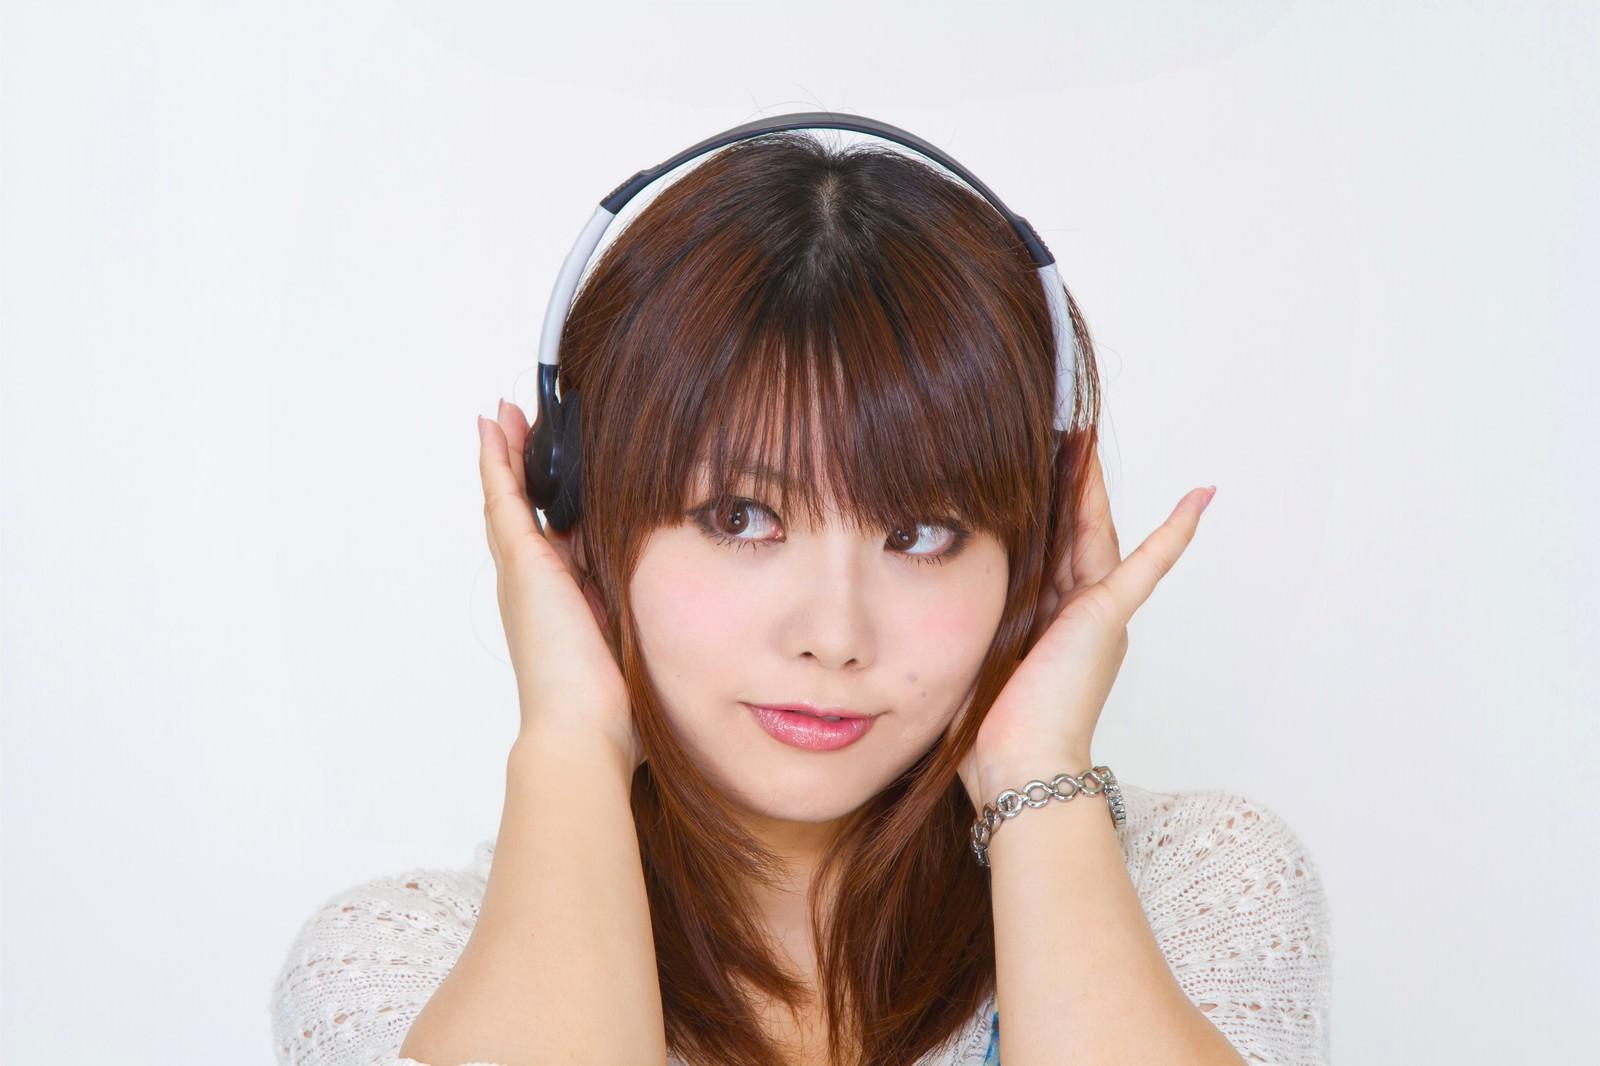 「ヘッドフォンを耳に当てる女性」の写真[モデル:Lala]